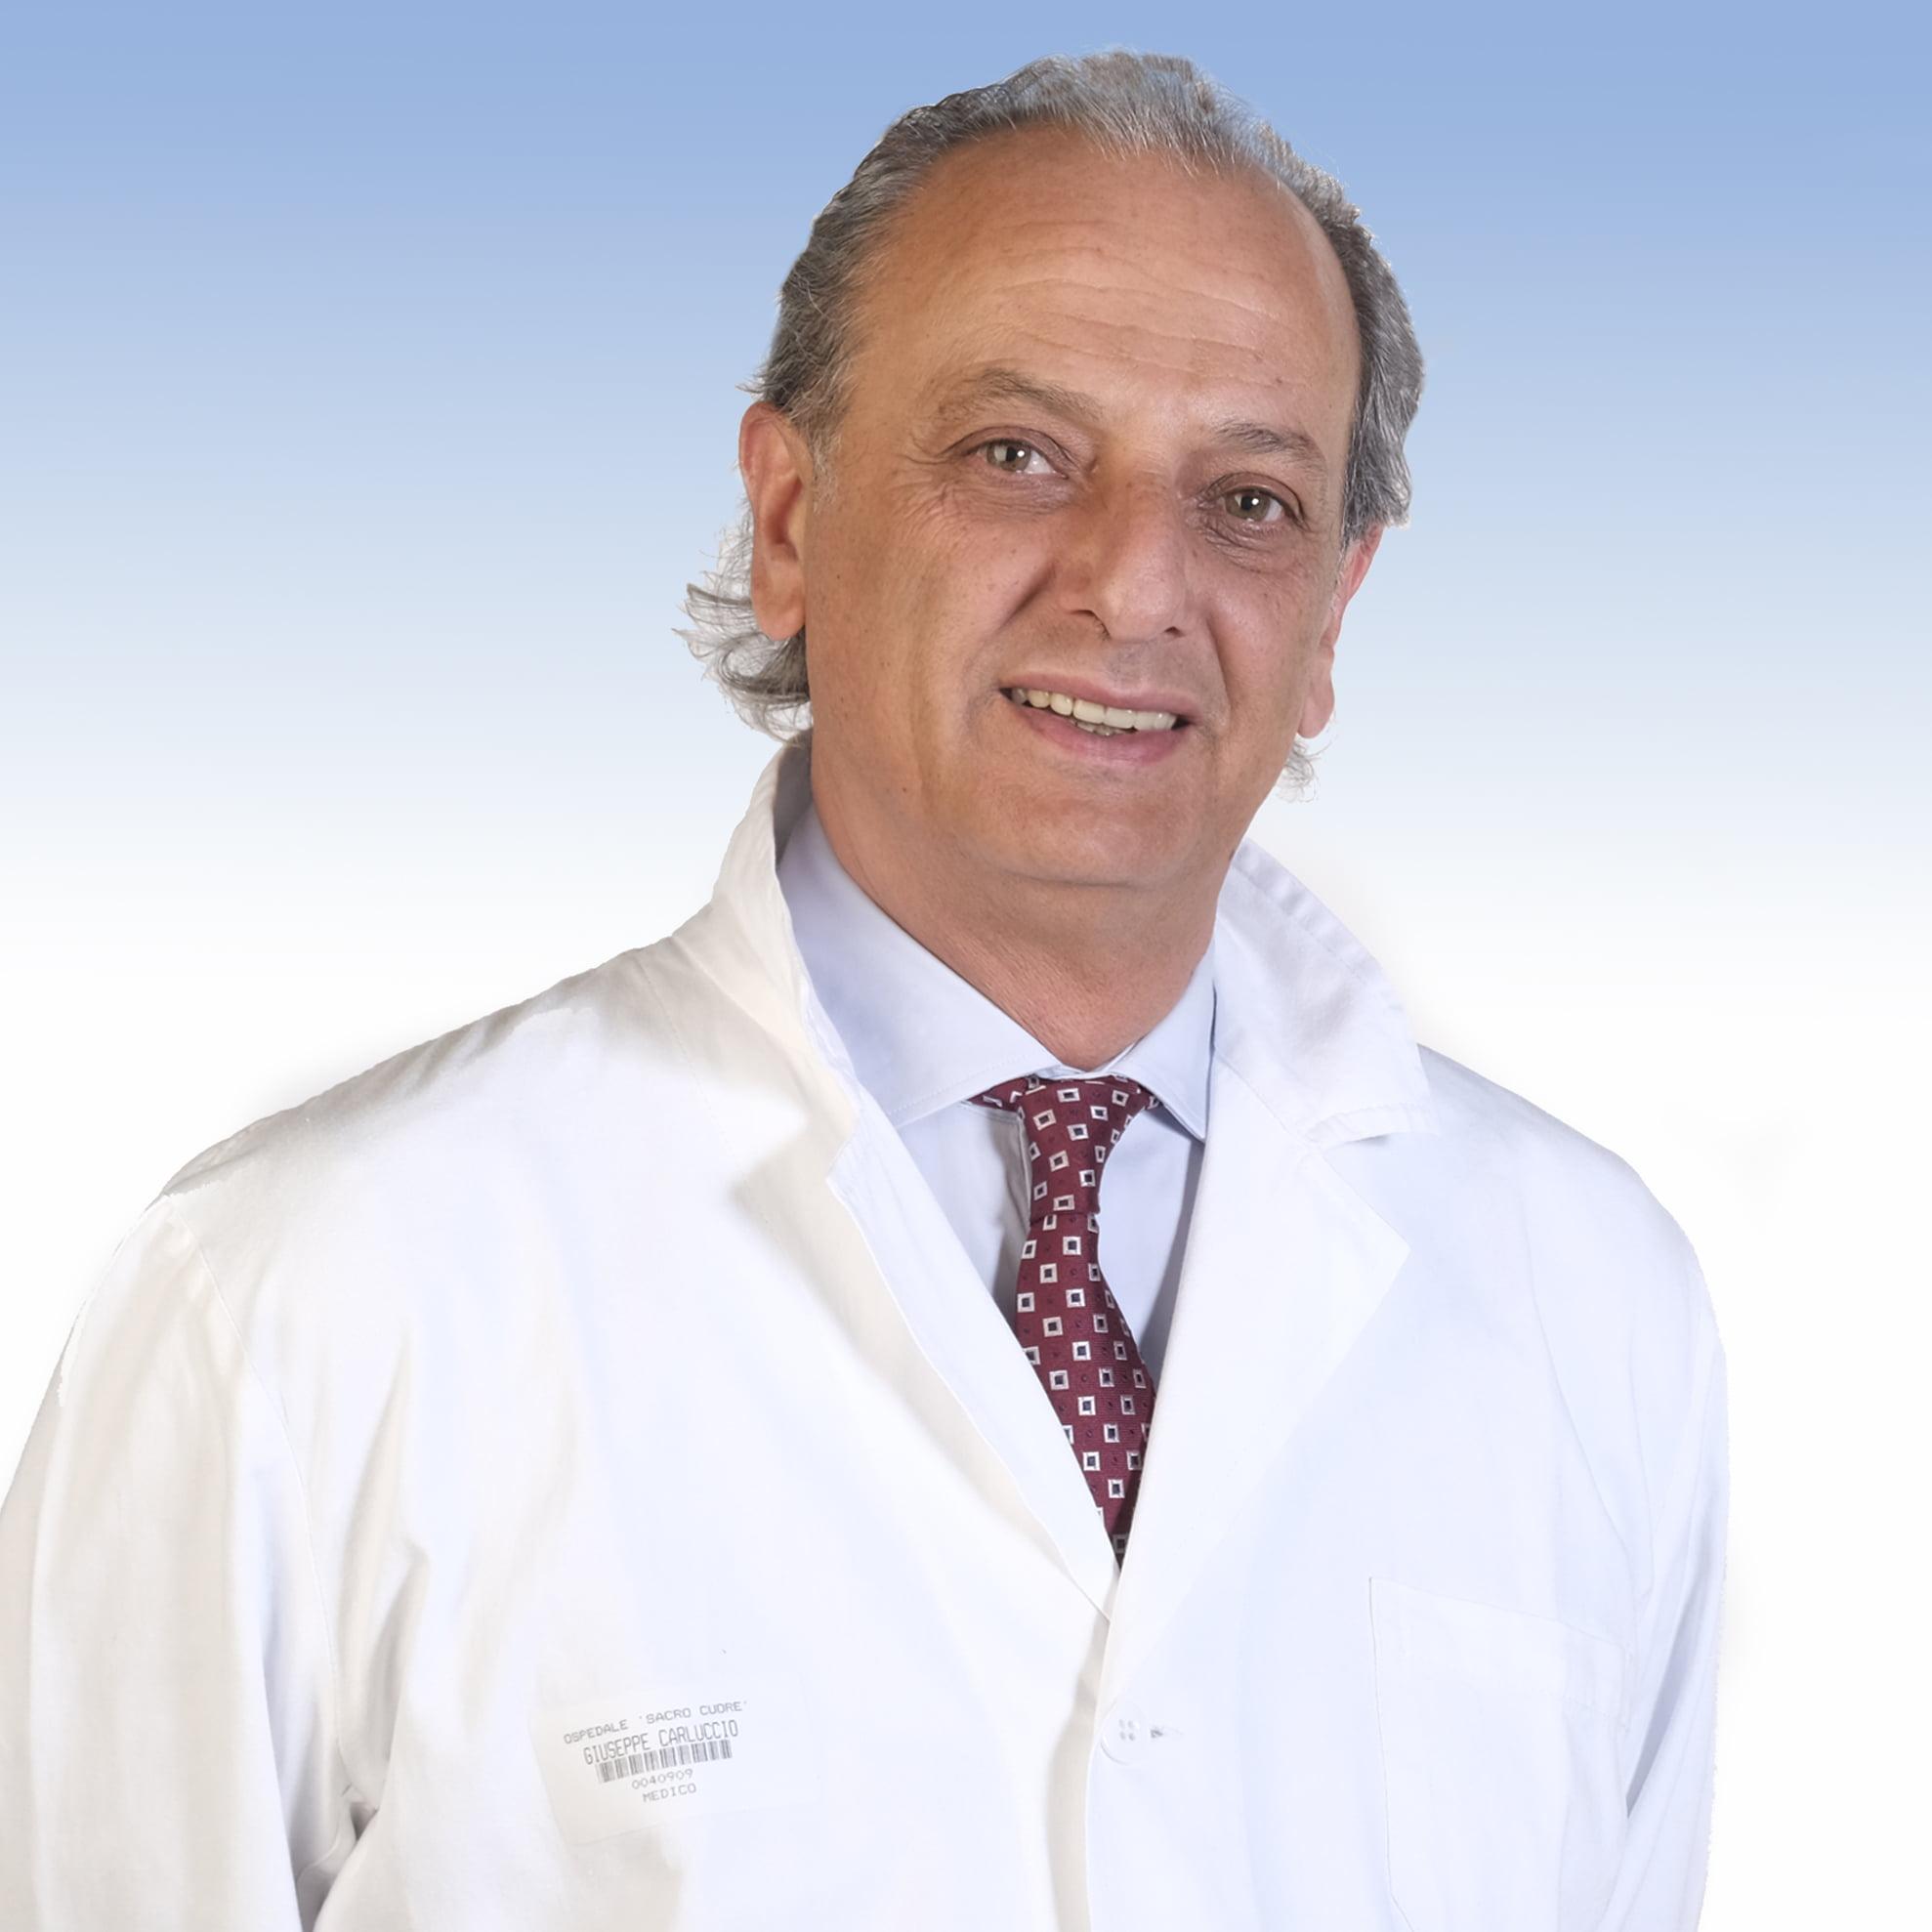 Giuseppe Carluccio, urologo dell'Irccs ospedale Sacro Cuore Don Calabria